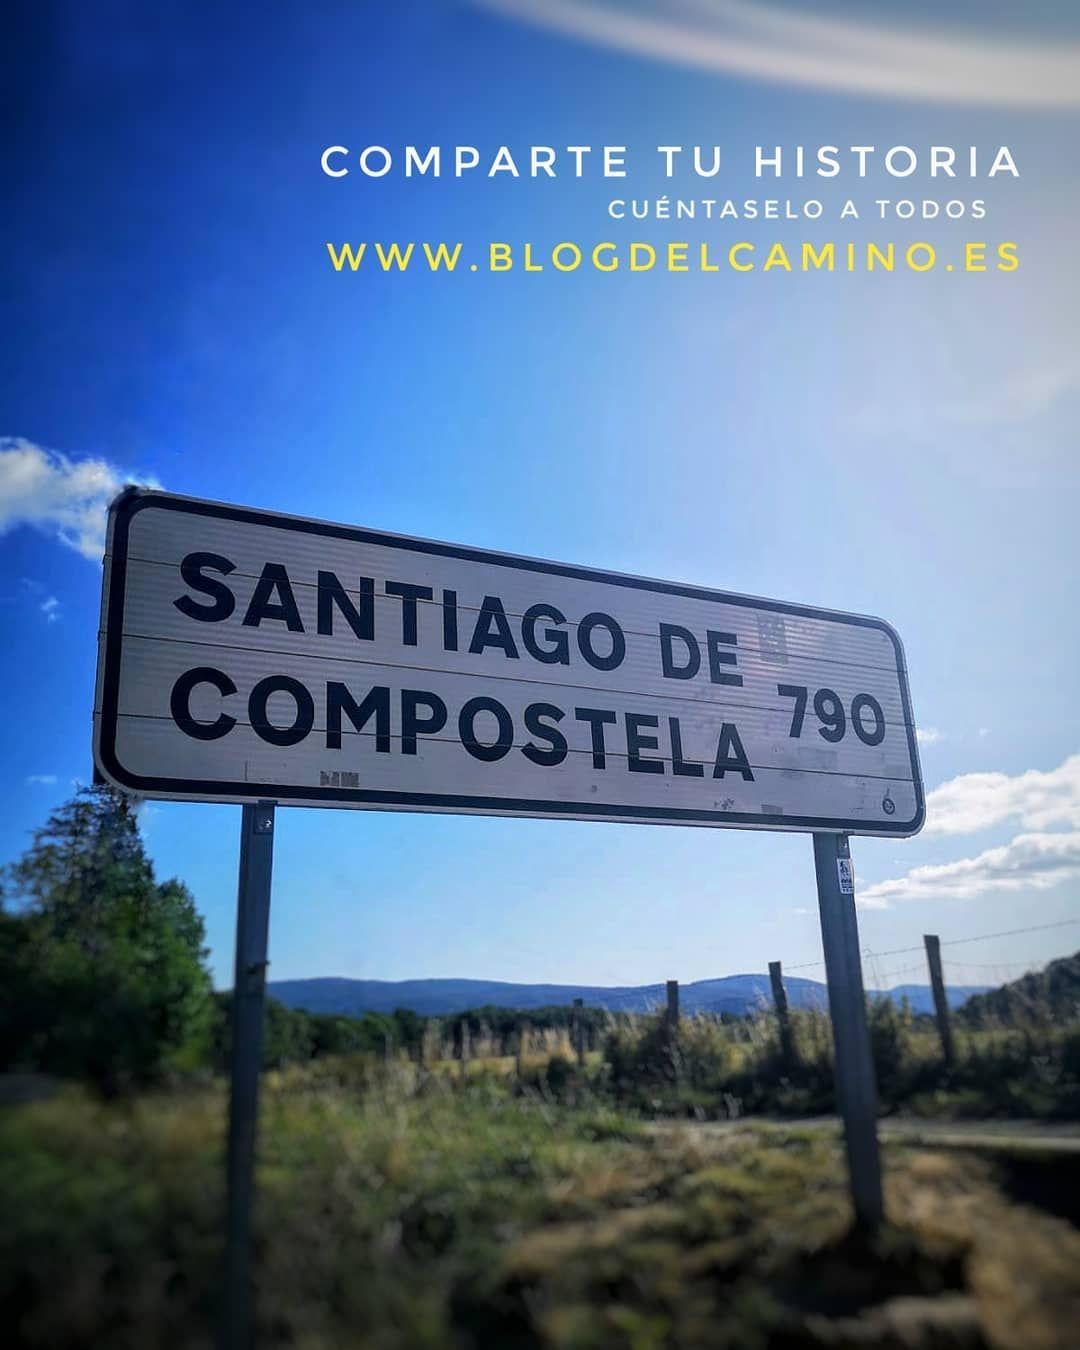 Eres Un Blogger Del Camino De Santiago Te Gustaría Compartir Tu Historia Tu Experiencia Tu Aventura En Camino De Santiago Santiago De Compostela Peregrino